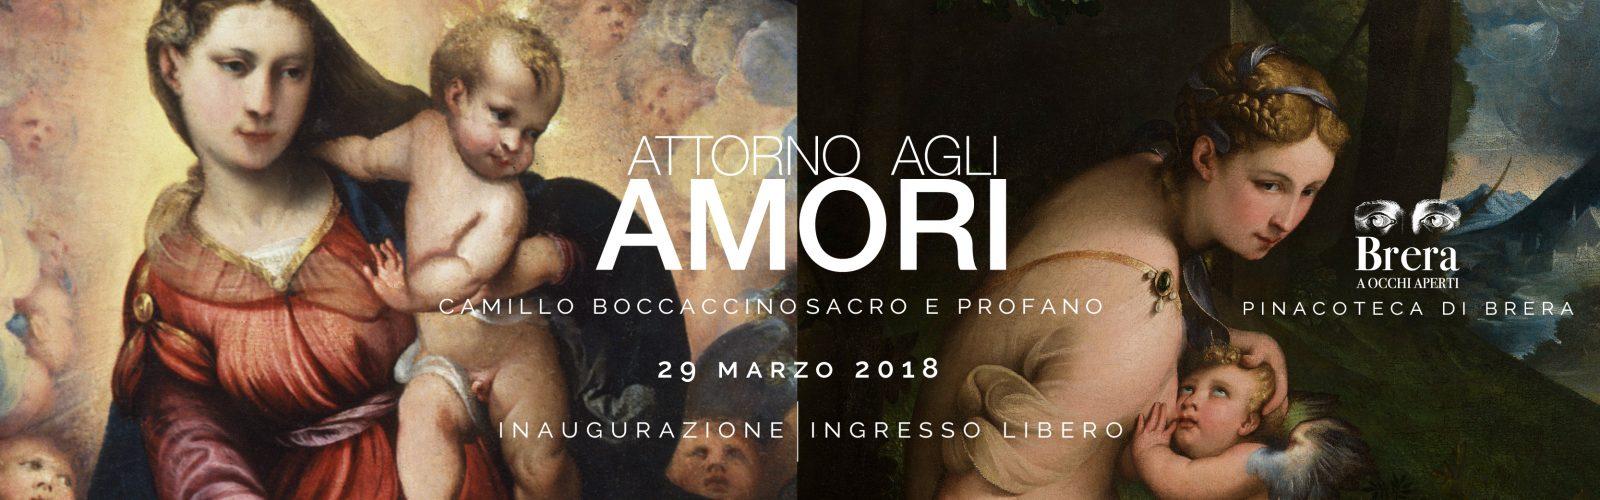 """Inaugurazione sesto dialogo """"Attorno agli amori. Camillo Boccaccino sacro e profano"""""""